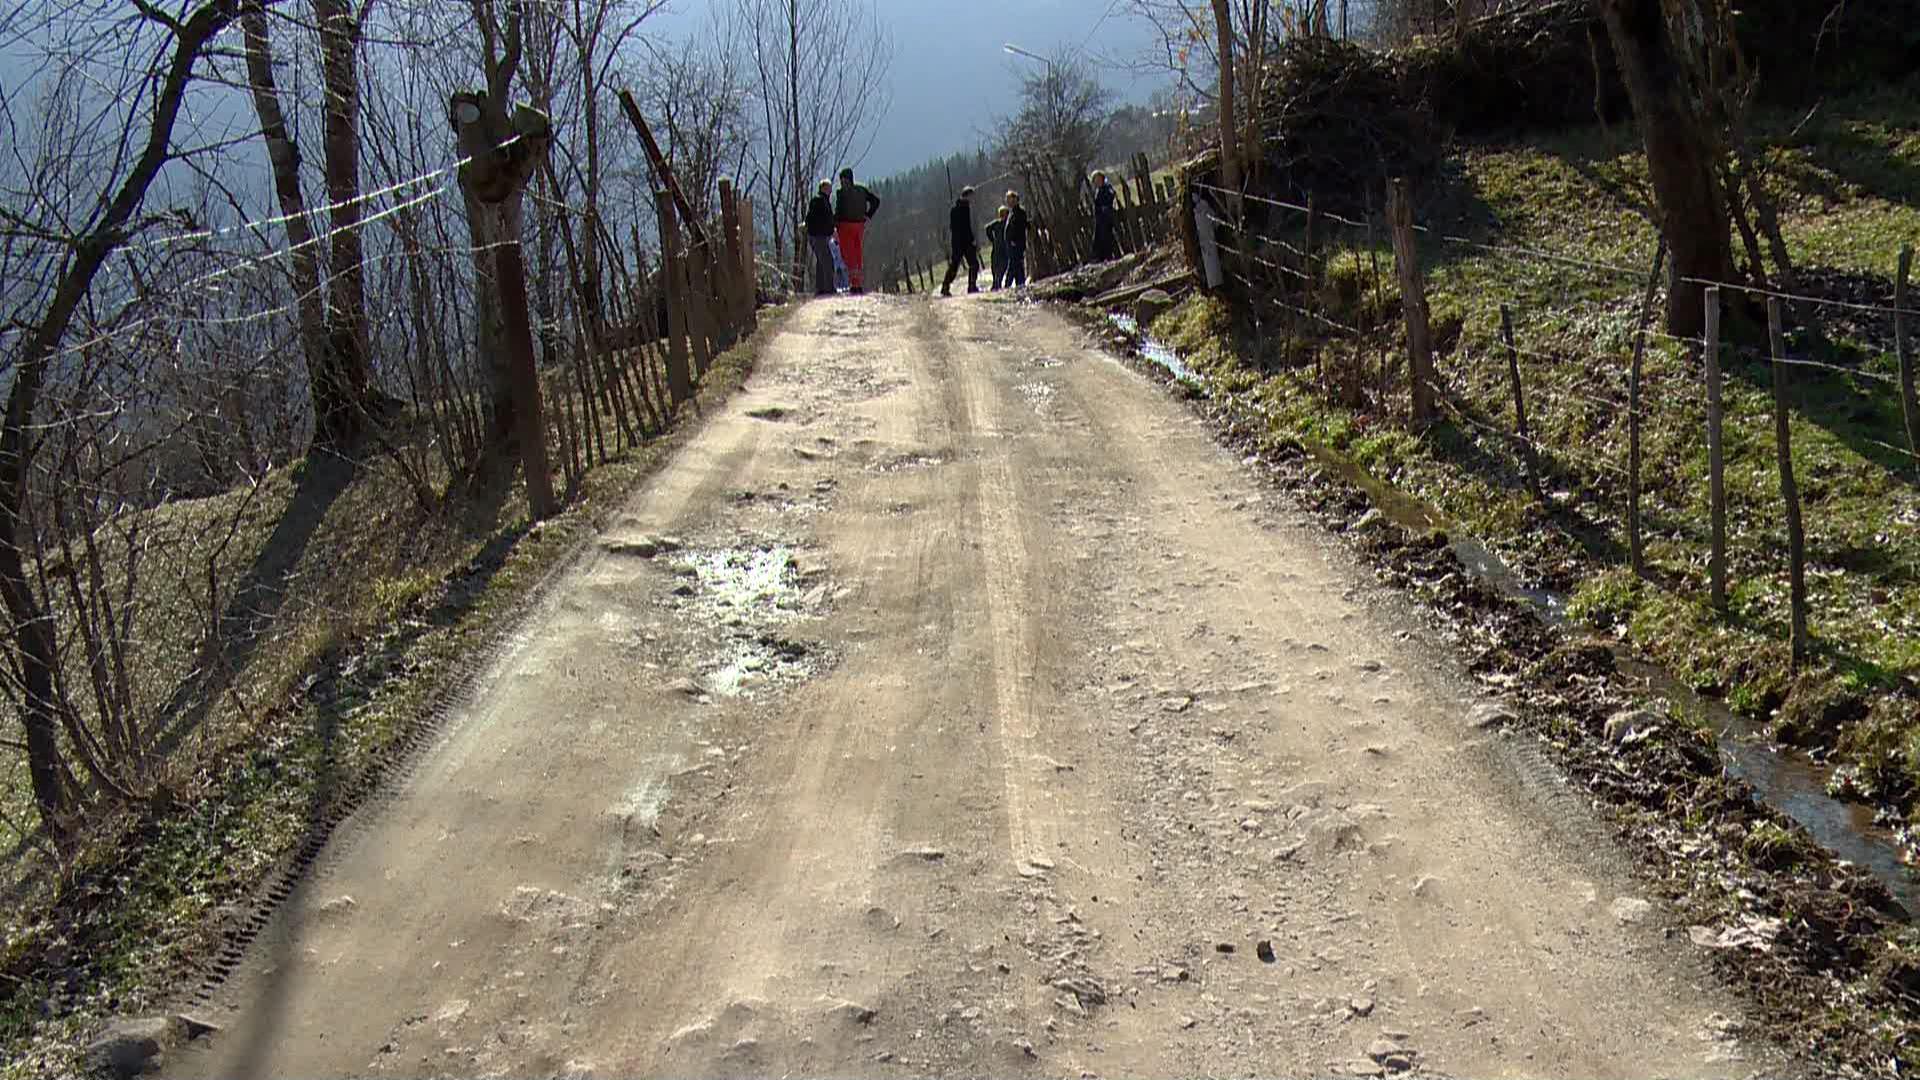 დაზიანებული, ვიწრო და ჩაბნელებული - სოფლის გზა ხულოში